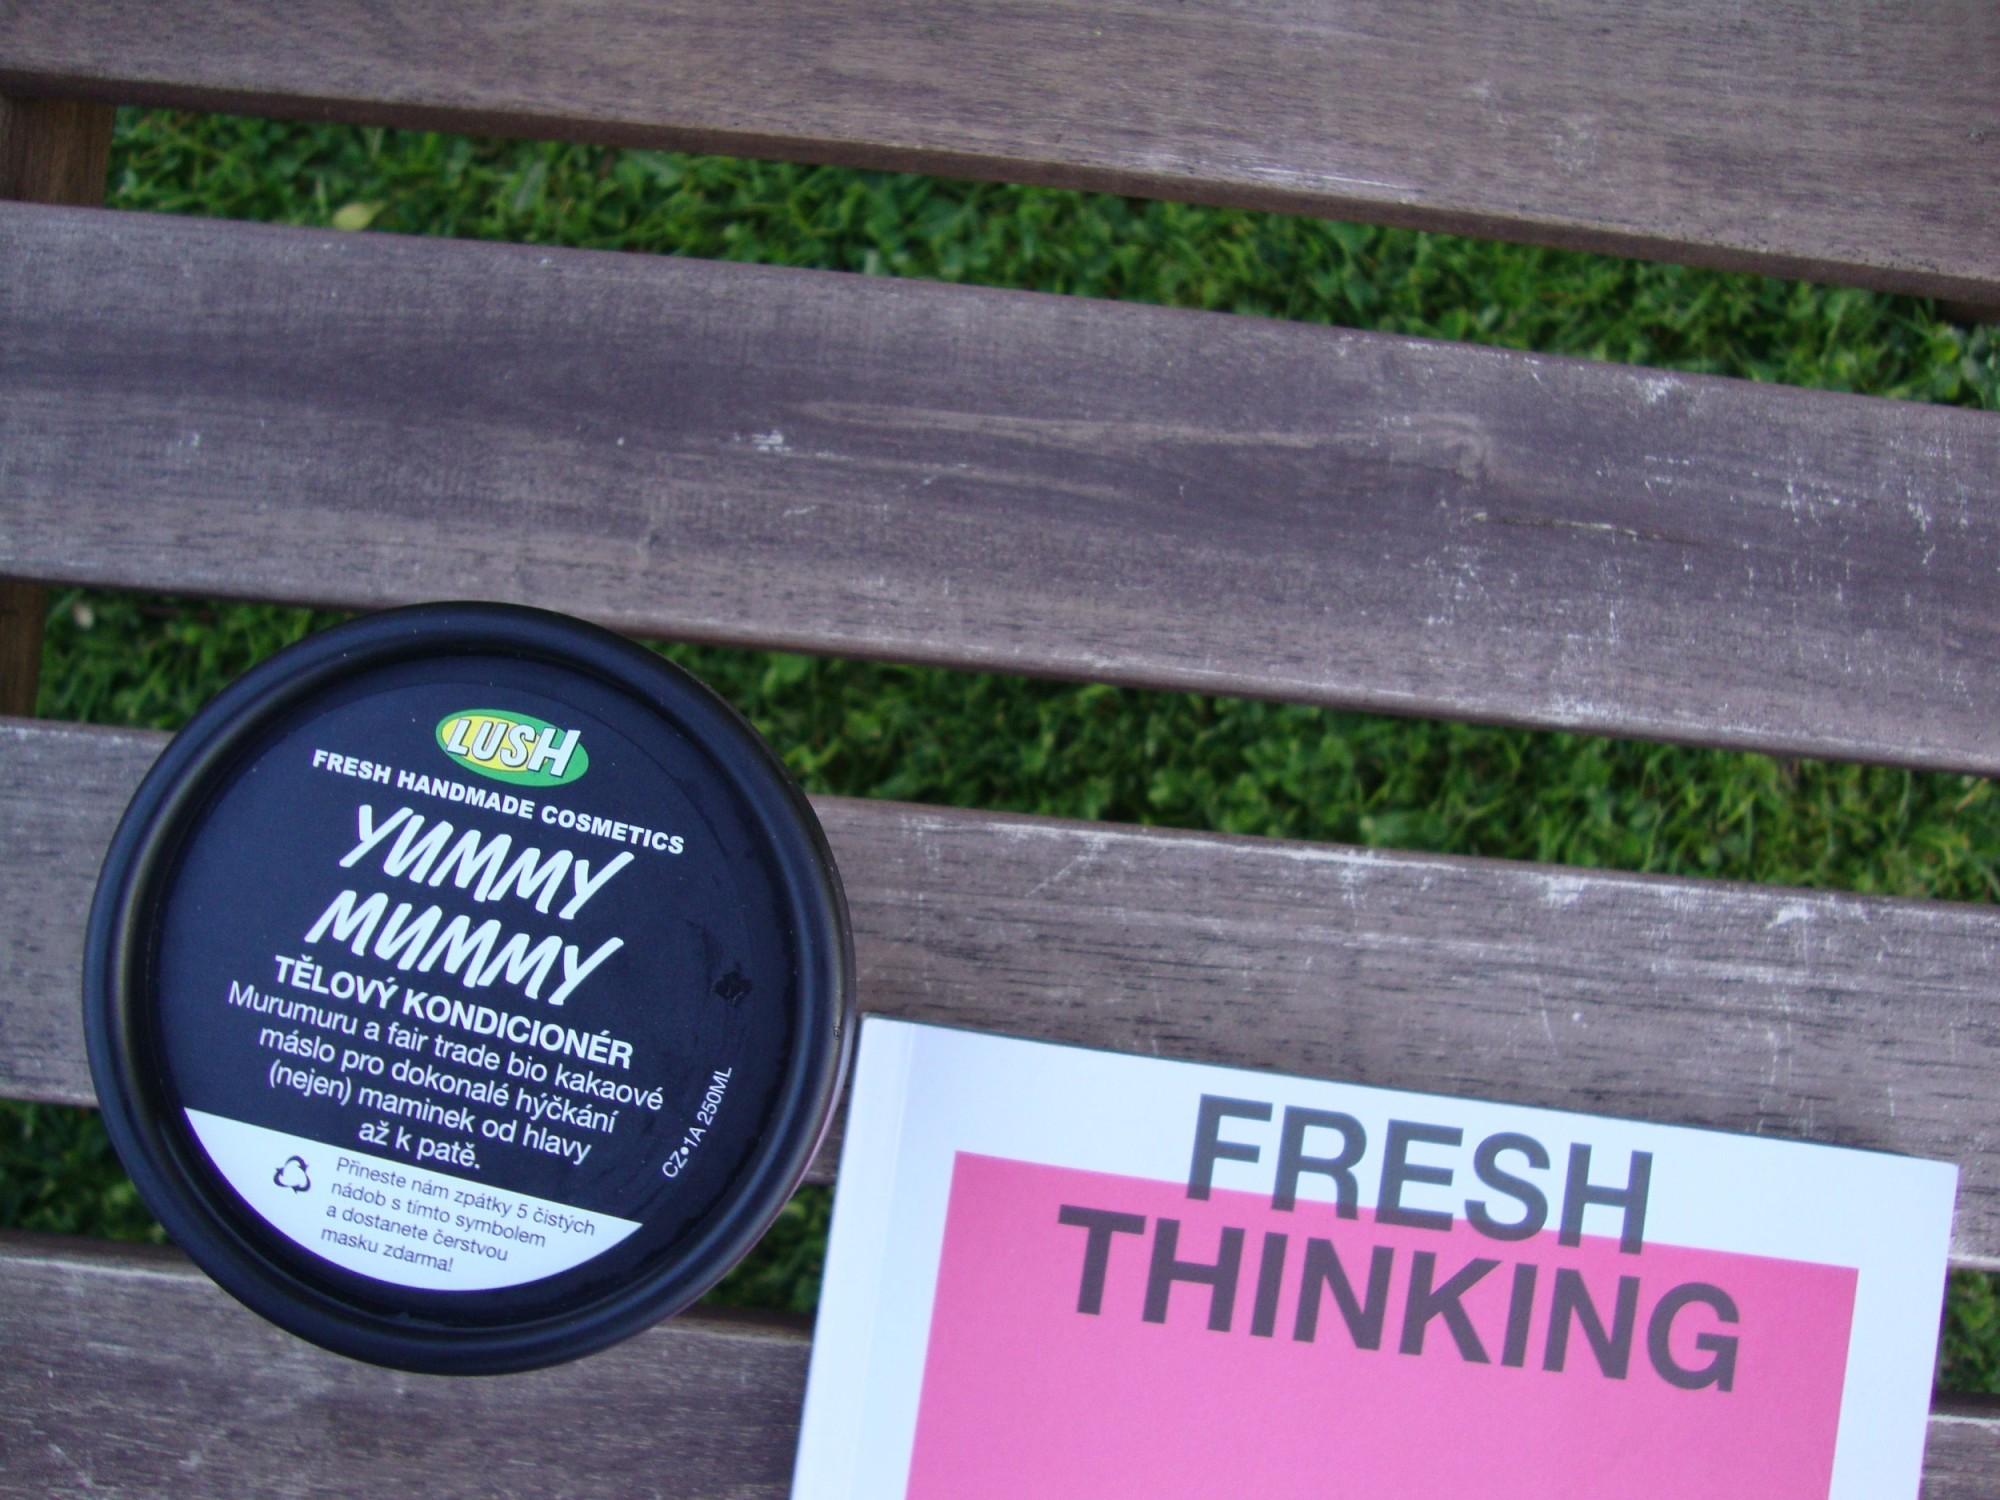 LUSH_freshthinking_